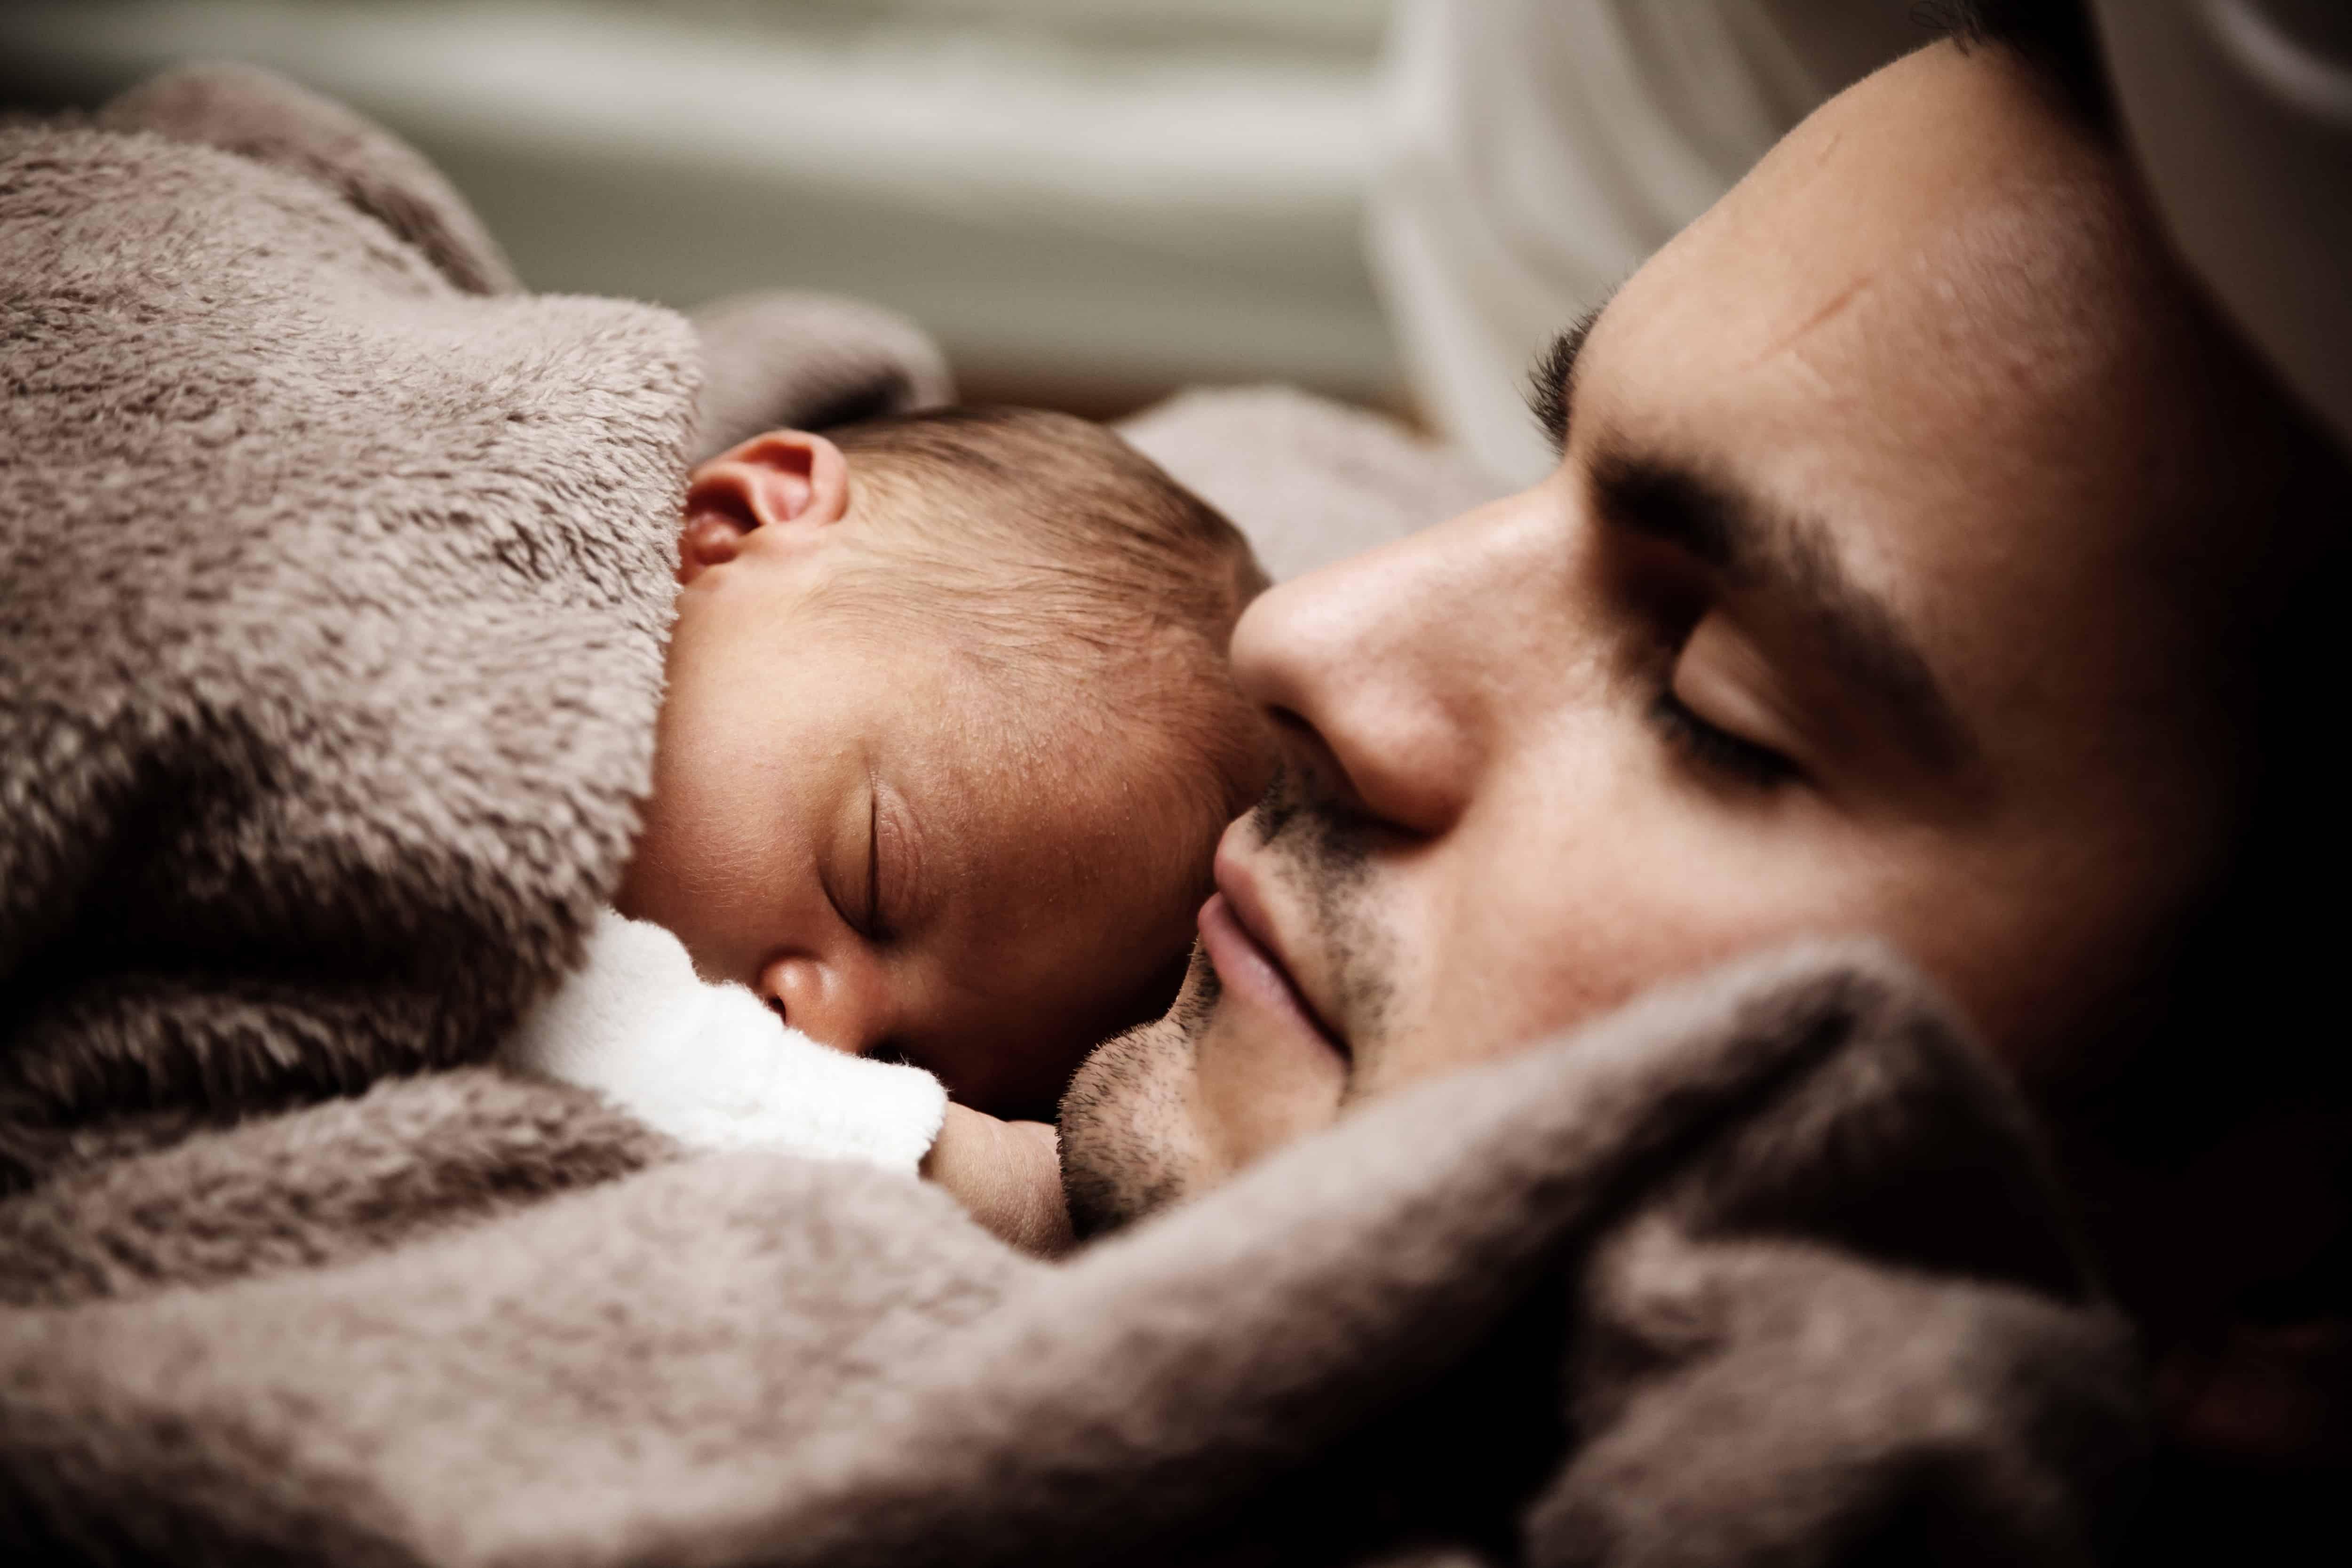 A csecsemő ellátásába bevonódott apa a későbbi jó kapcsolatát is alapozhatja gyermekével. Emellett sokat tehet a harmónia és a hármas egyensúly mielőbbi megtalálásáért.